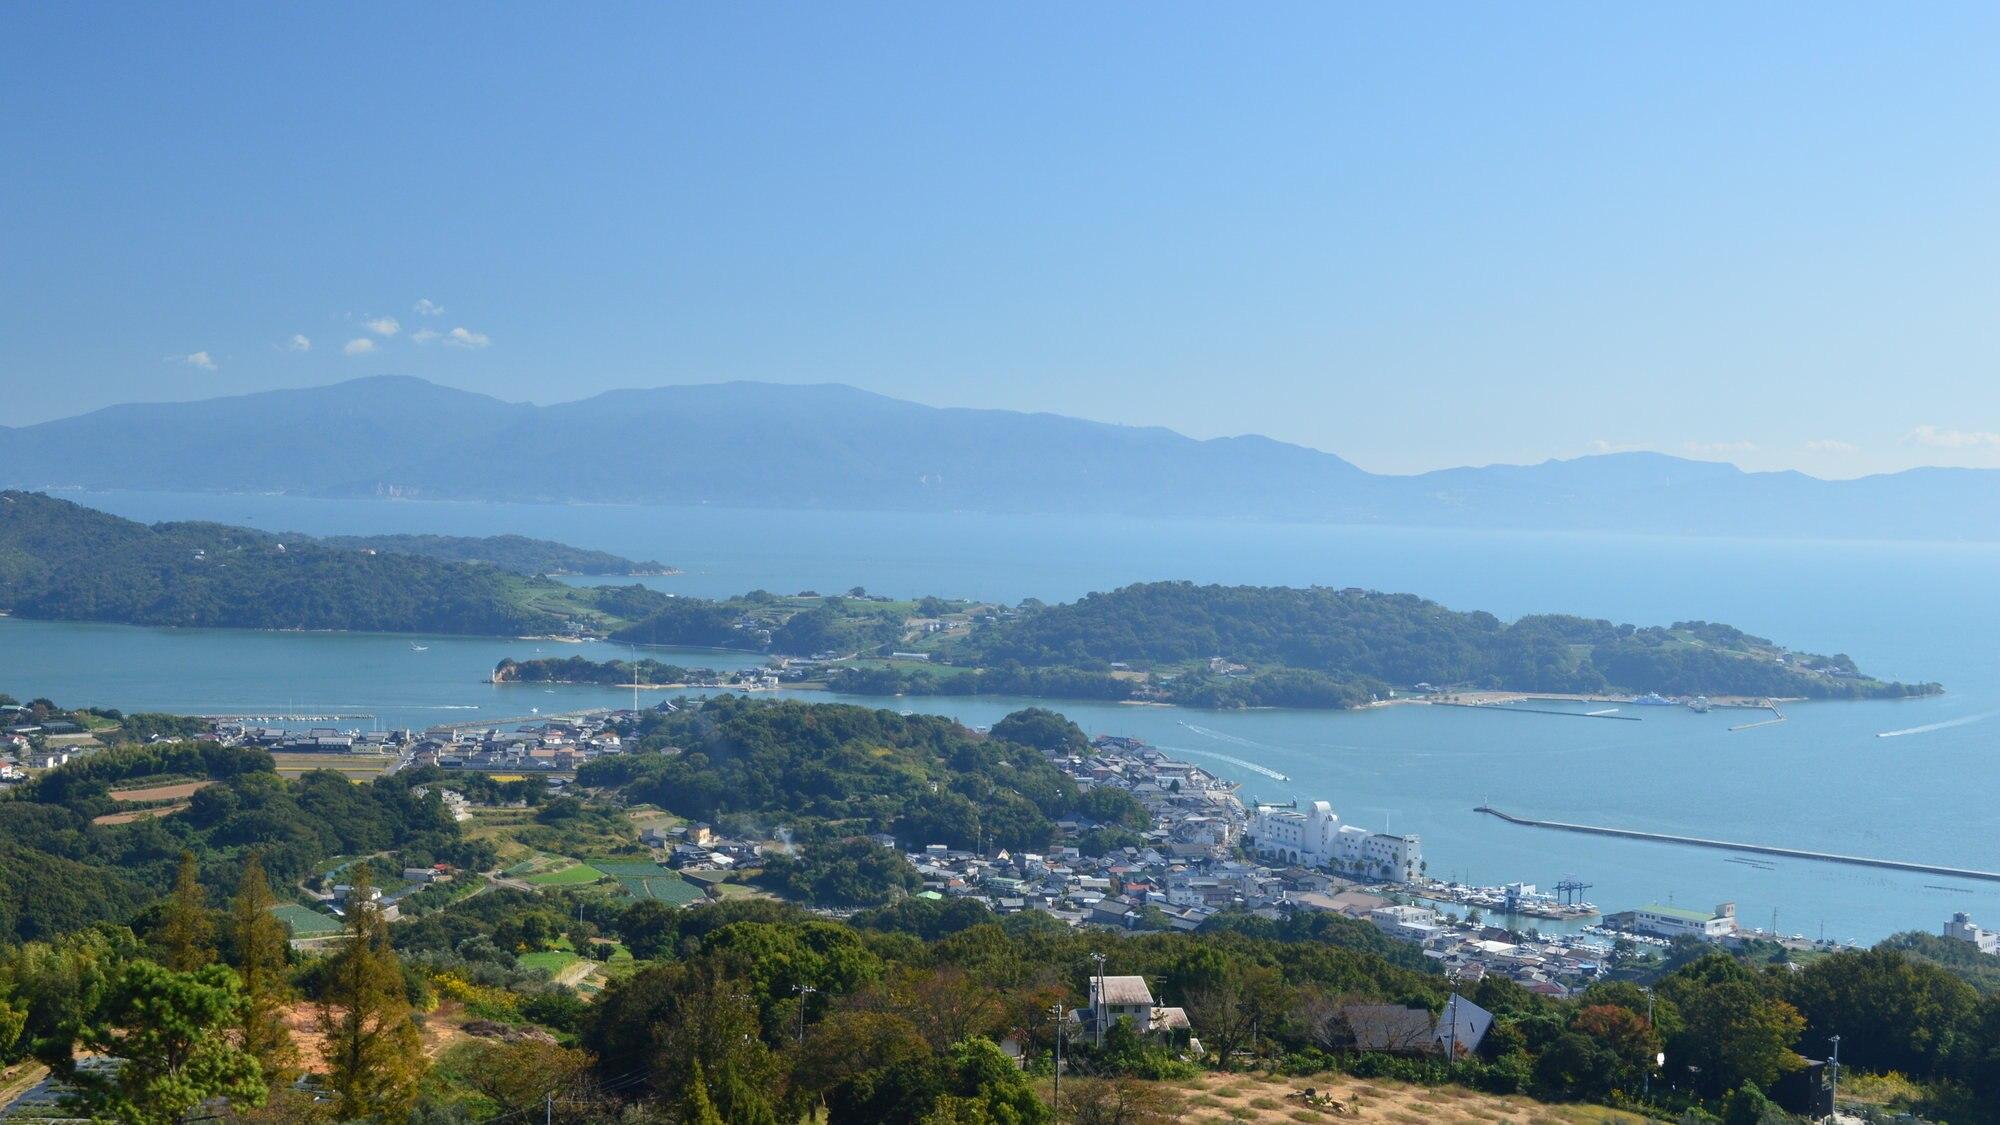 「日本のエーゲ海」と呼ばれる岡山県瀬戸内市の牛窓へ観光に行こう!